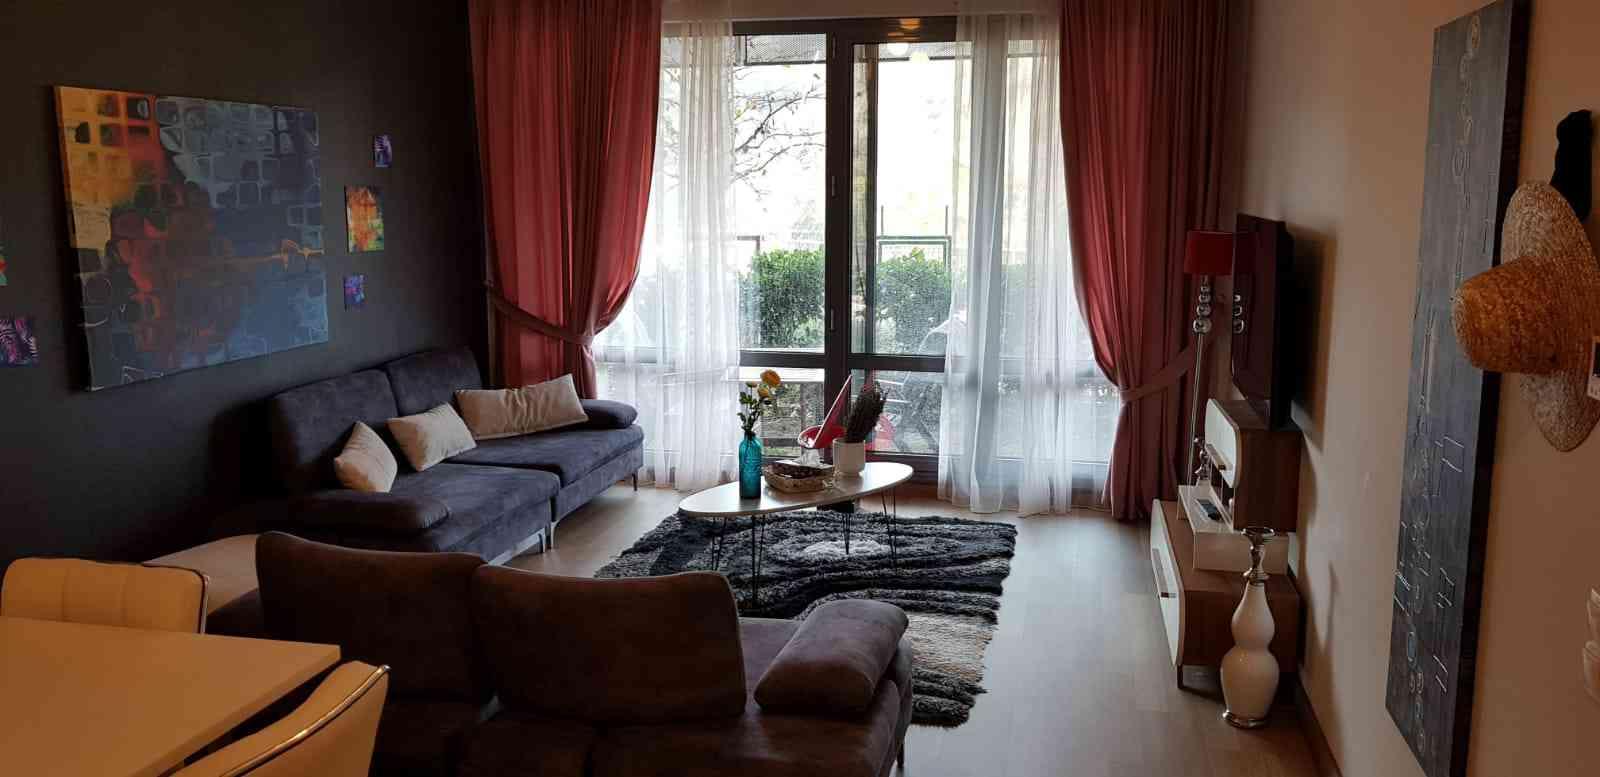 اجاره آپارتمان مبله در ساریر استانبول مجتمع 1453